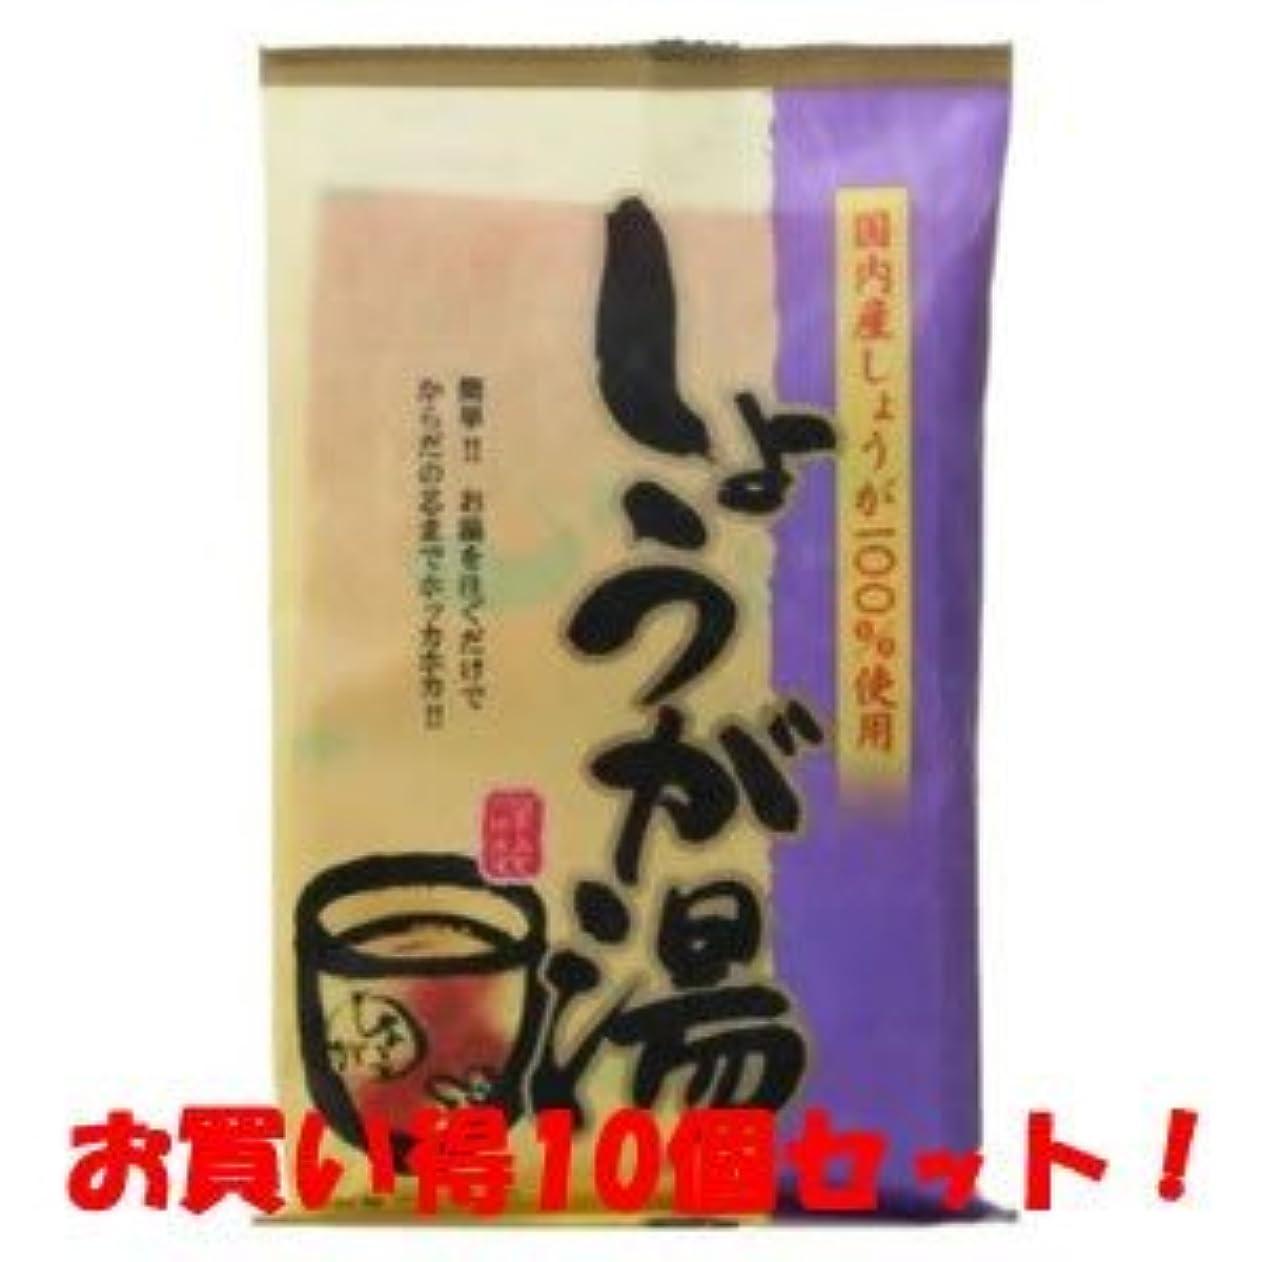 冒険者血まみれのアテンダント(今岡製菓)しょうが湯 20g×6袋(お買い得10個セット)